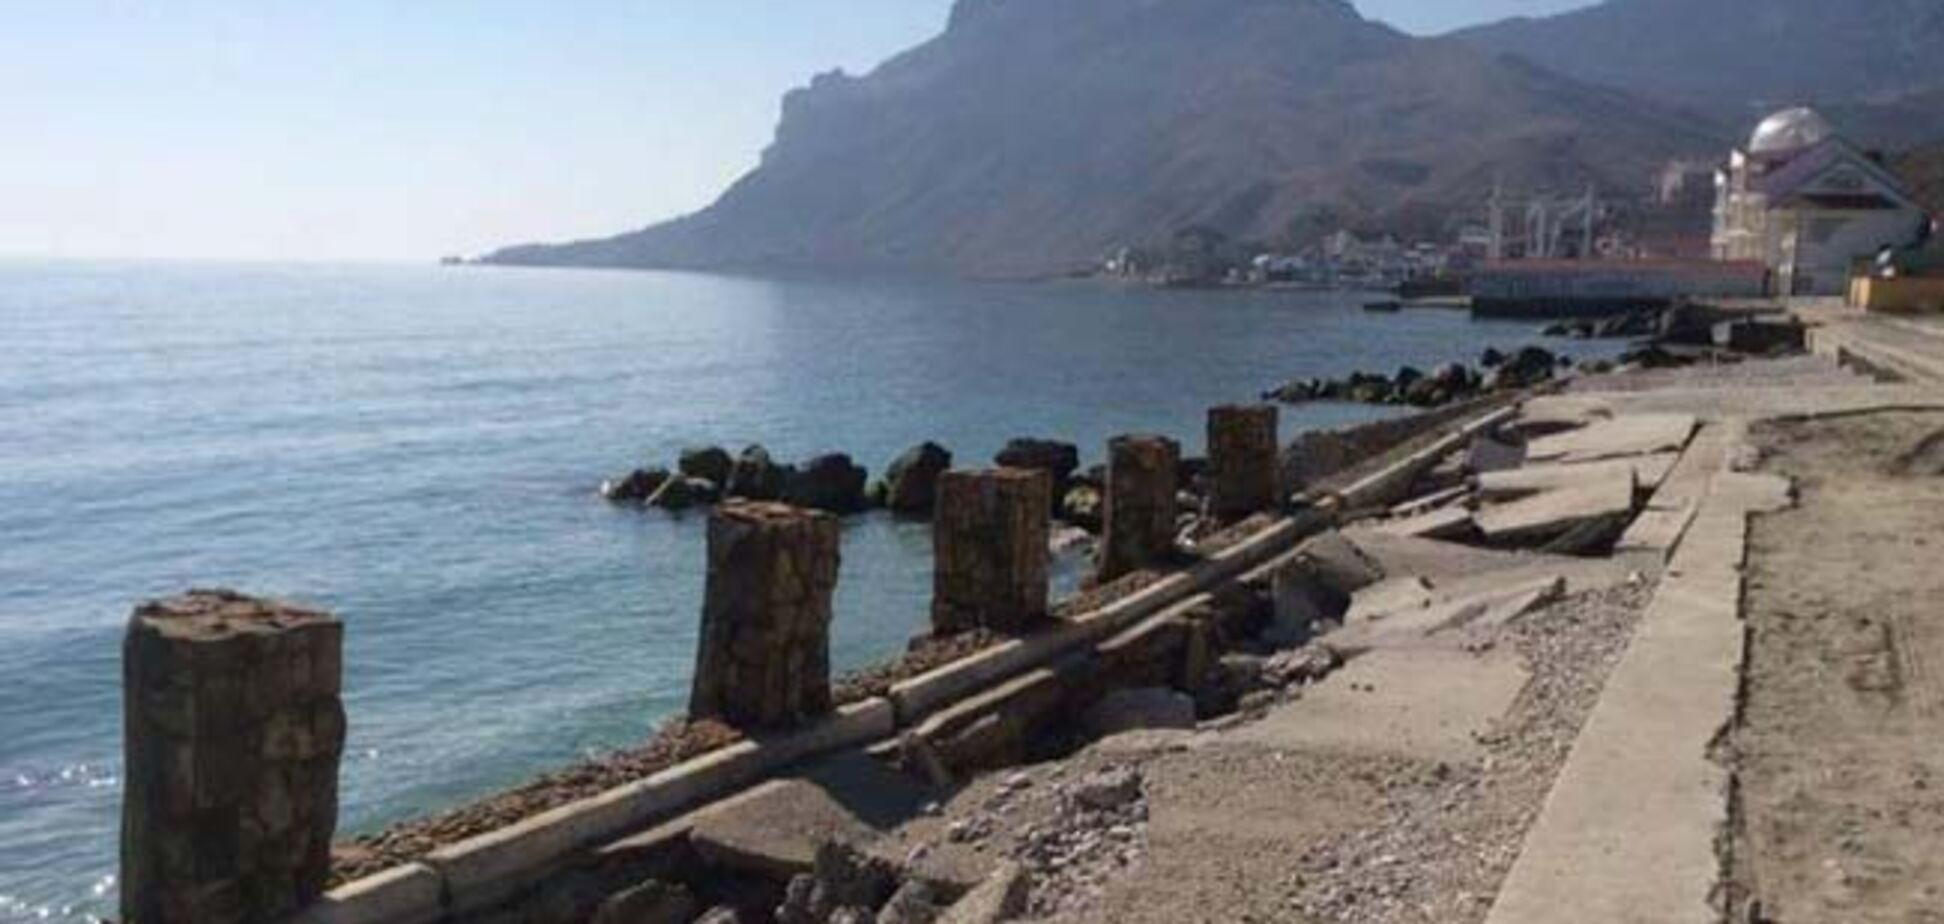 'Брошенные кафе и разруха': журналисты показали популярный курорт Крыма